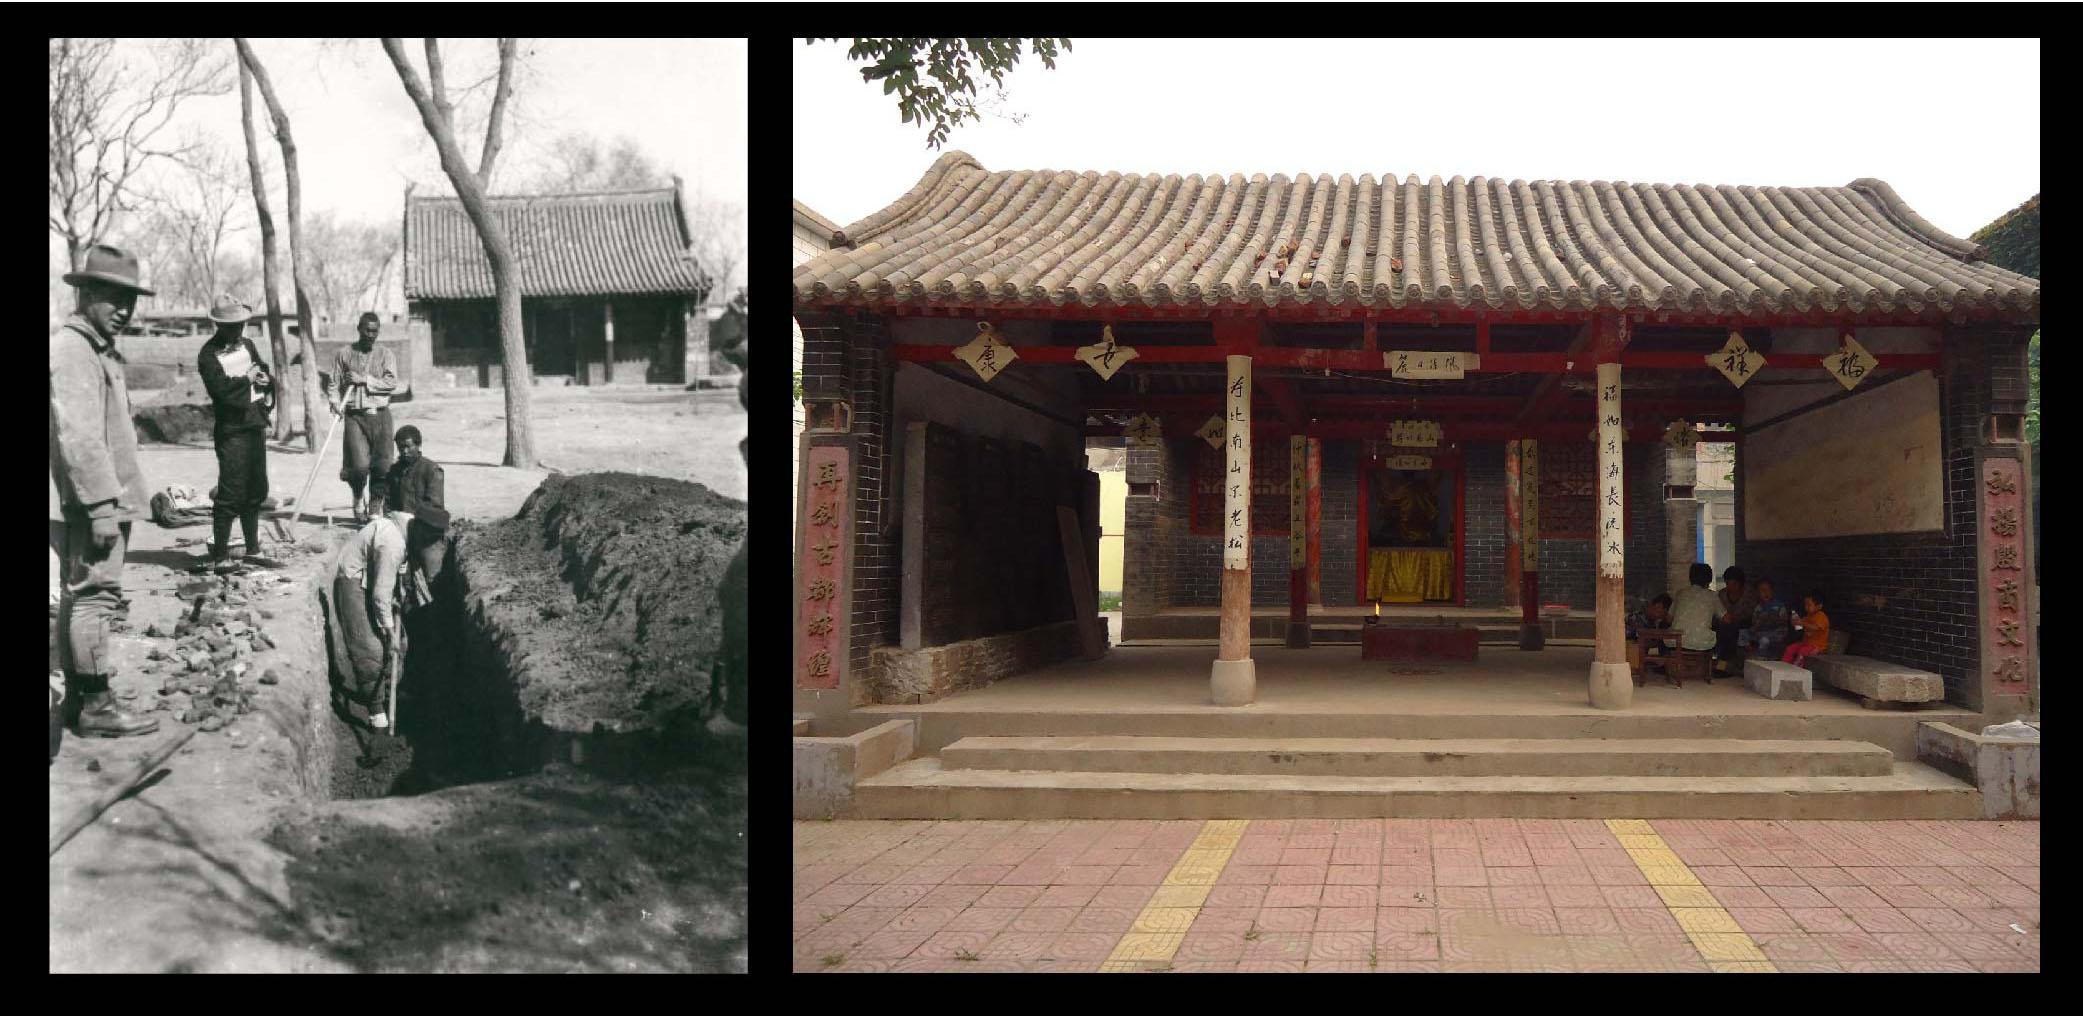 左圖為 1932 年史語所考古人員在五聖廟前的發掘,右圖為 2018 年王舒俐攝於五聖廟。圖片來源│中央研究院歷史語言研究所藏品、王舒俐